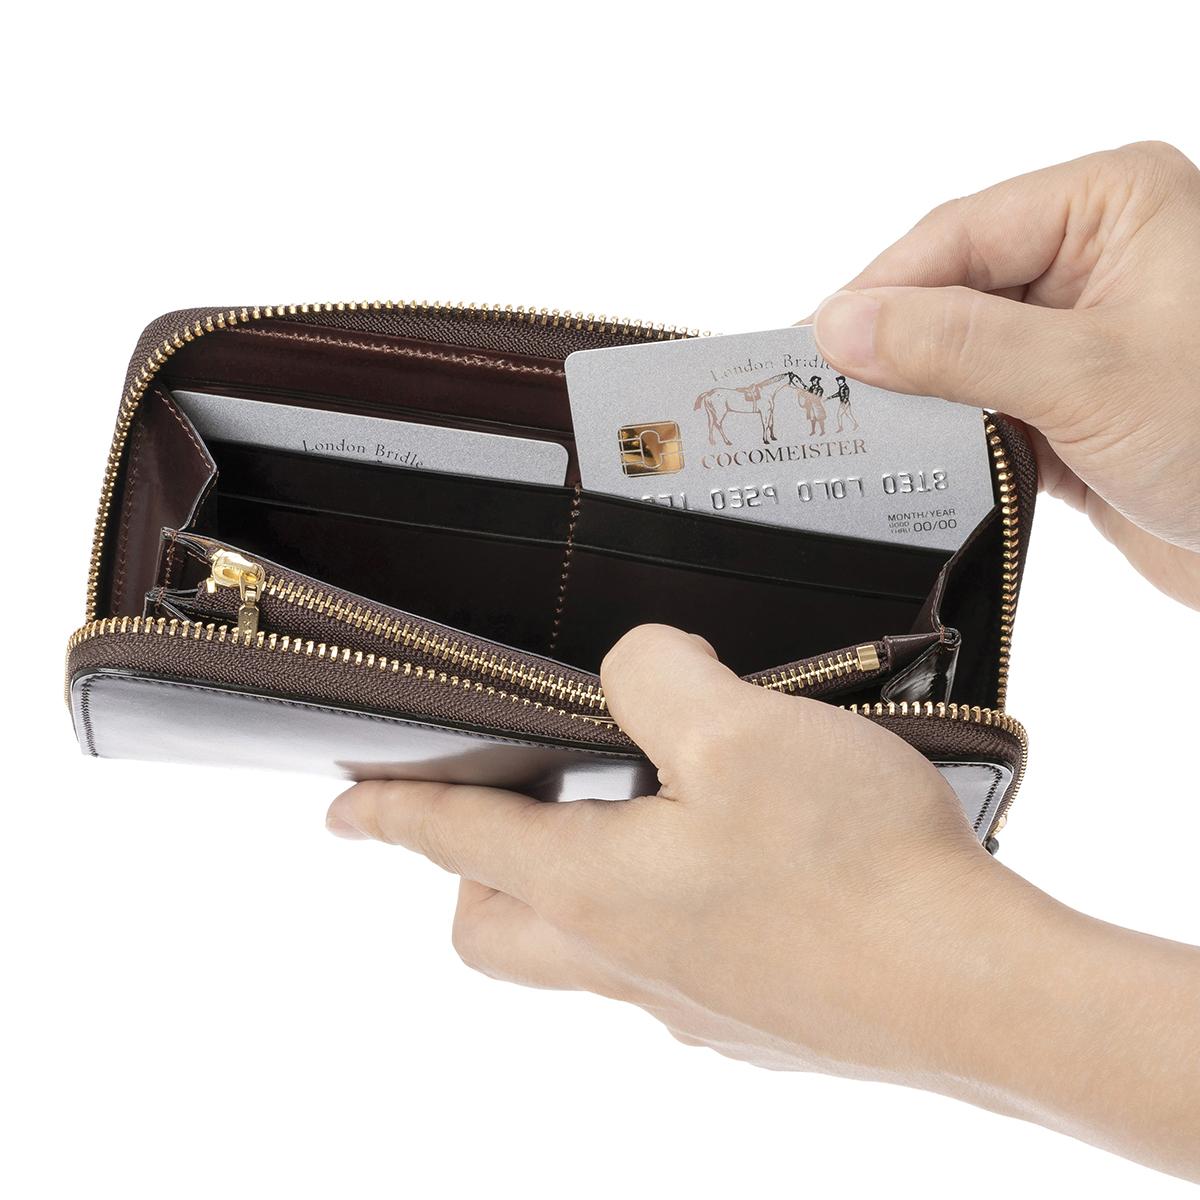 シェルコードバン アーチデュークのカードポケット